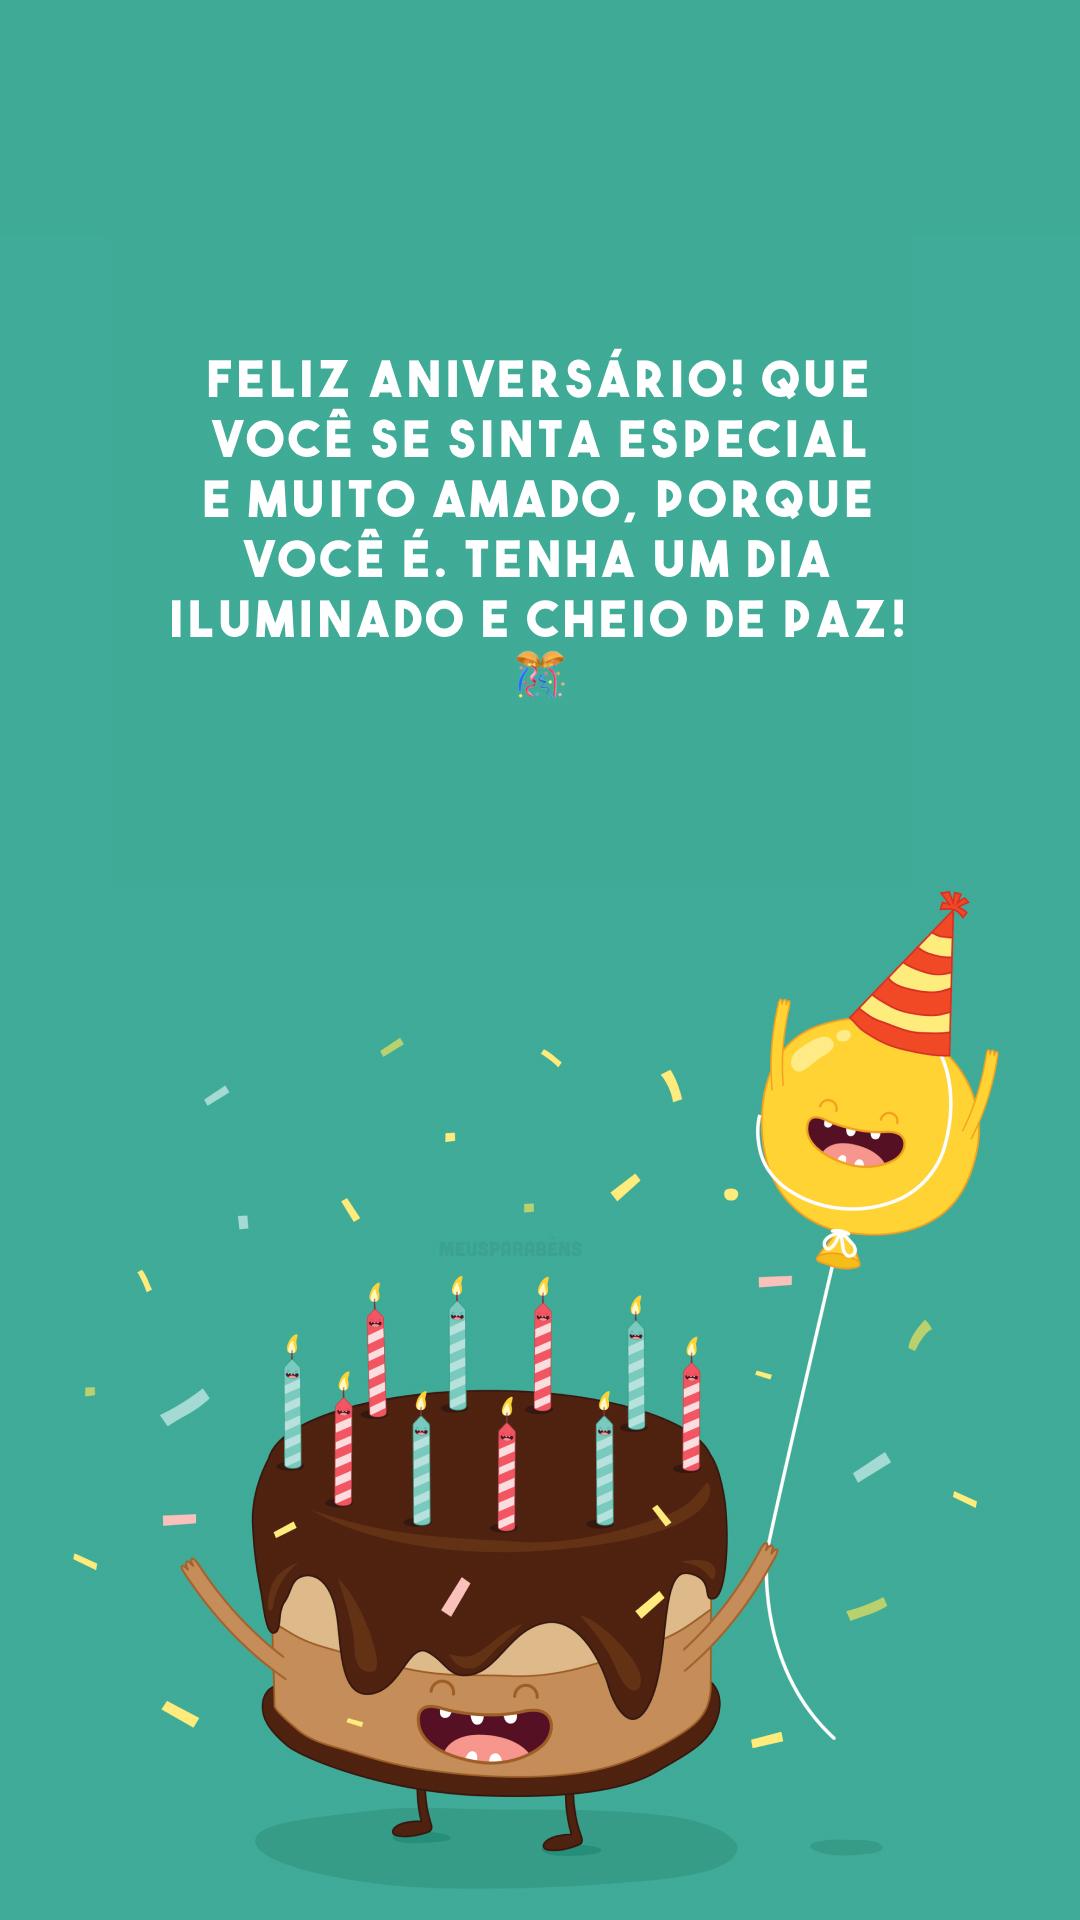 Feliz aniversário! Que você se sinta especial e muito amado, porque você é. Tenha um dia iluminado e cheio de paz! 🎊